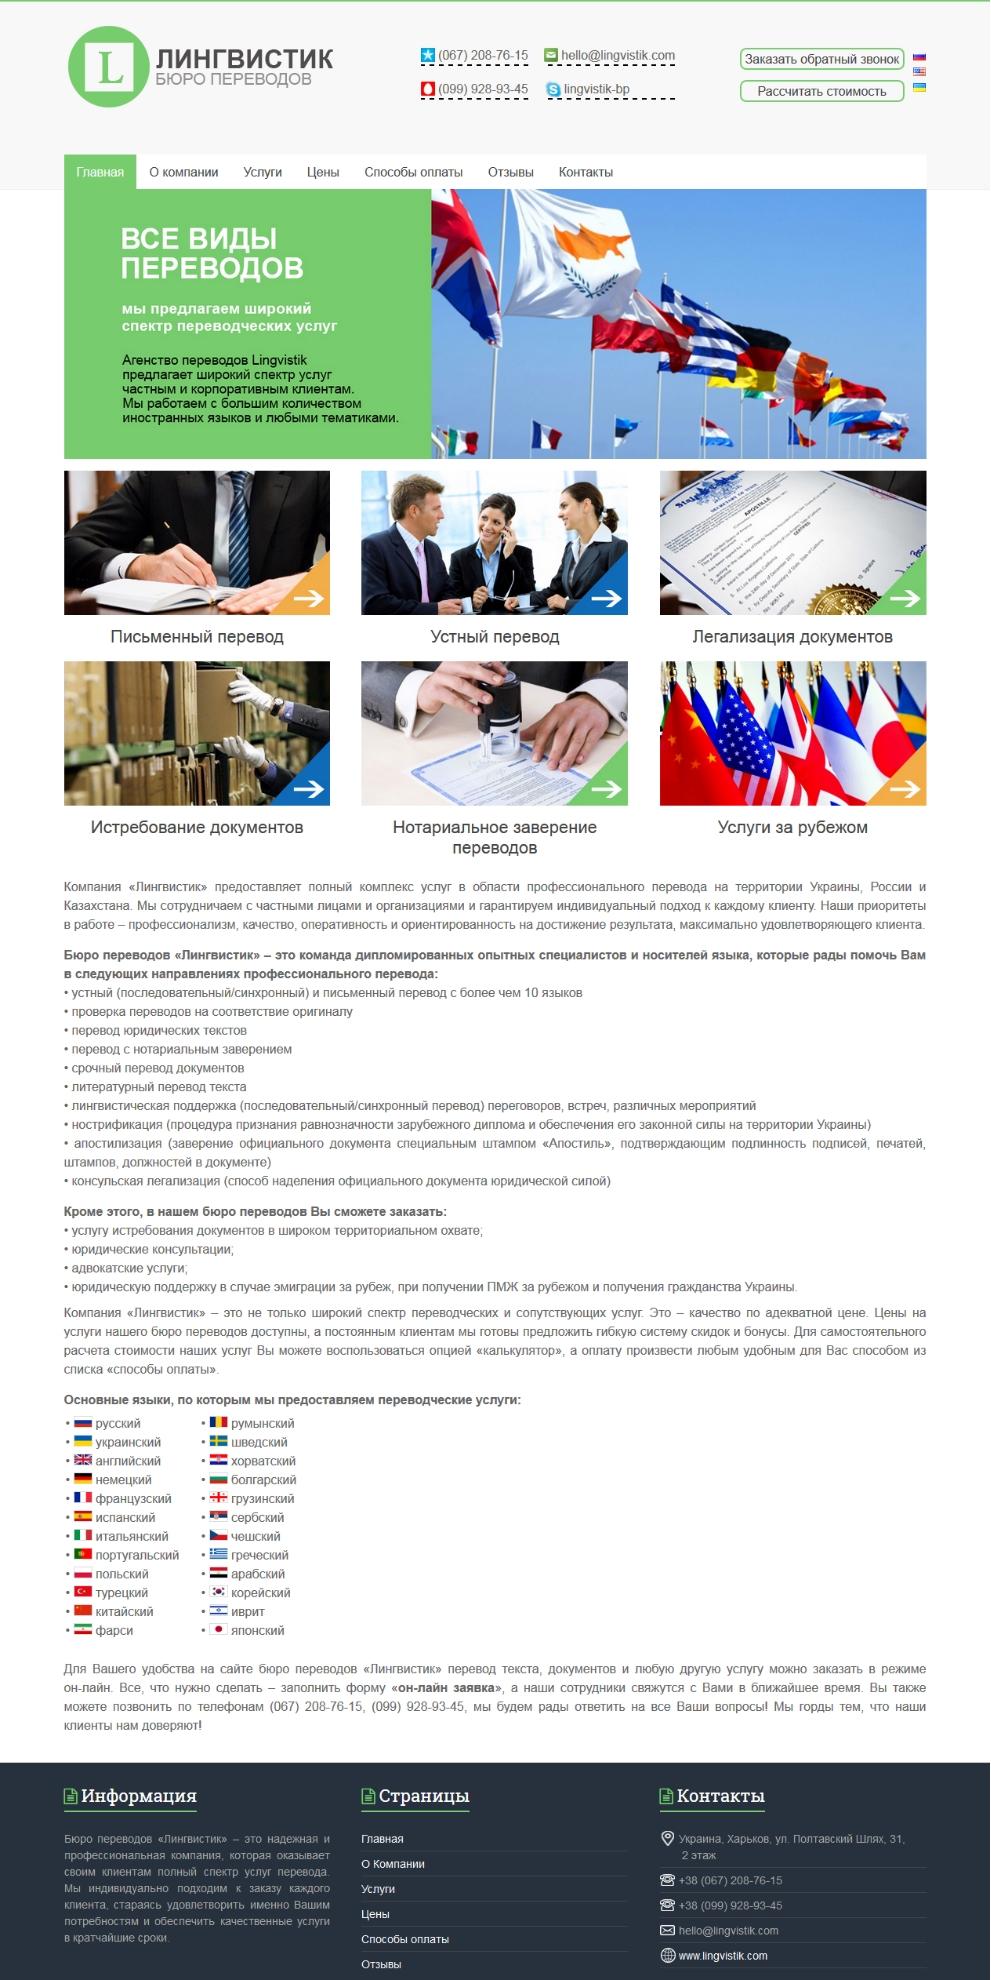 Разработка сайта для бюро переводов